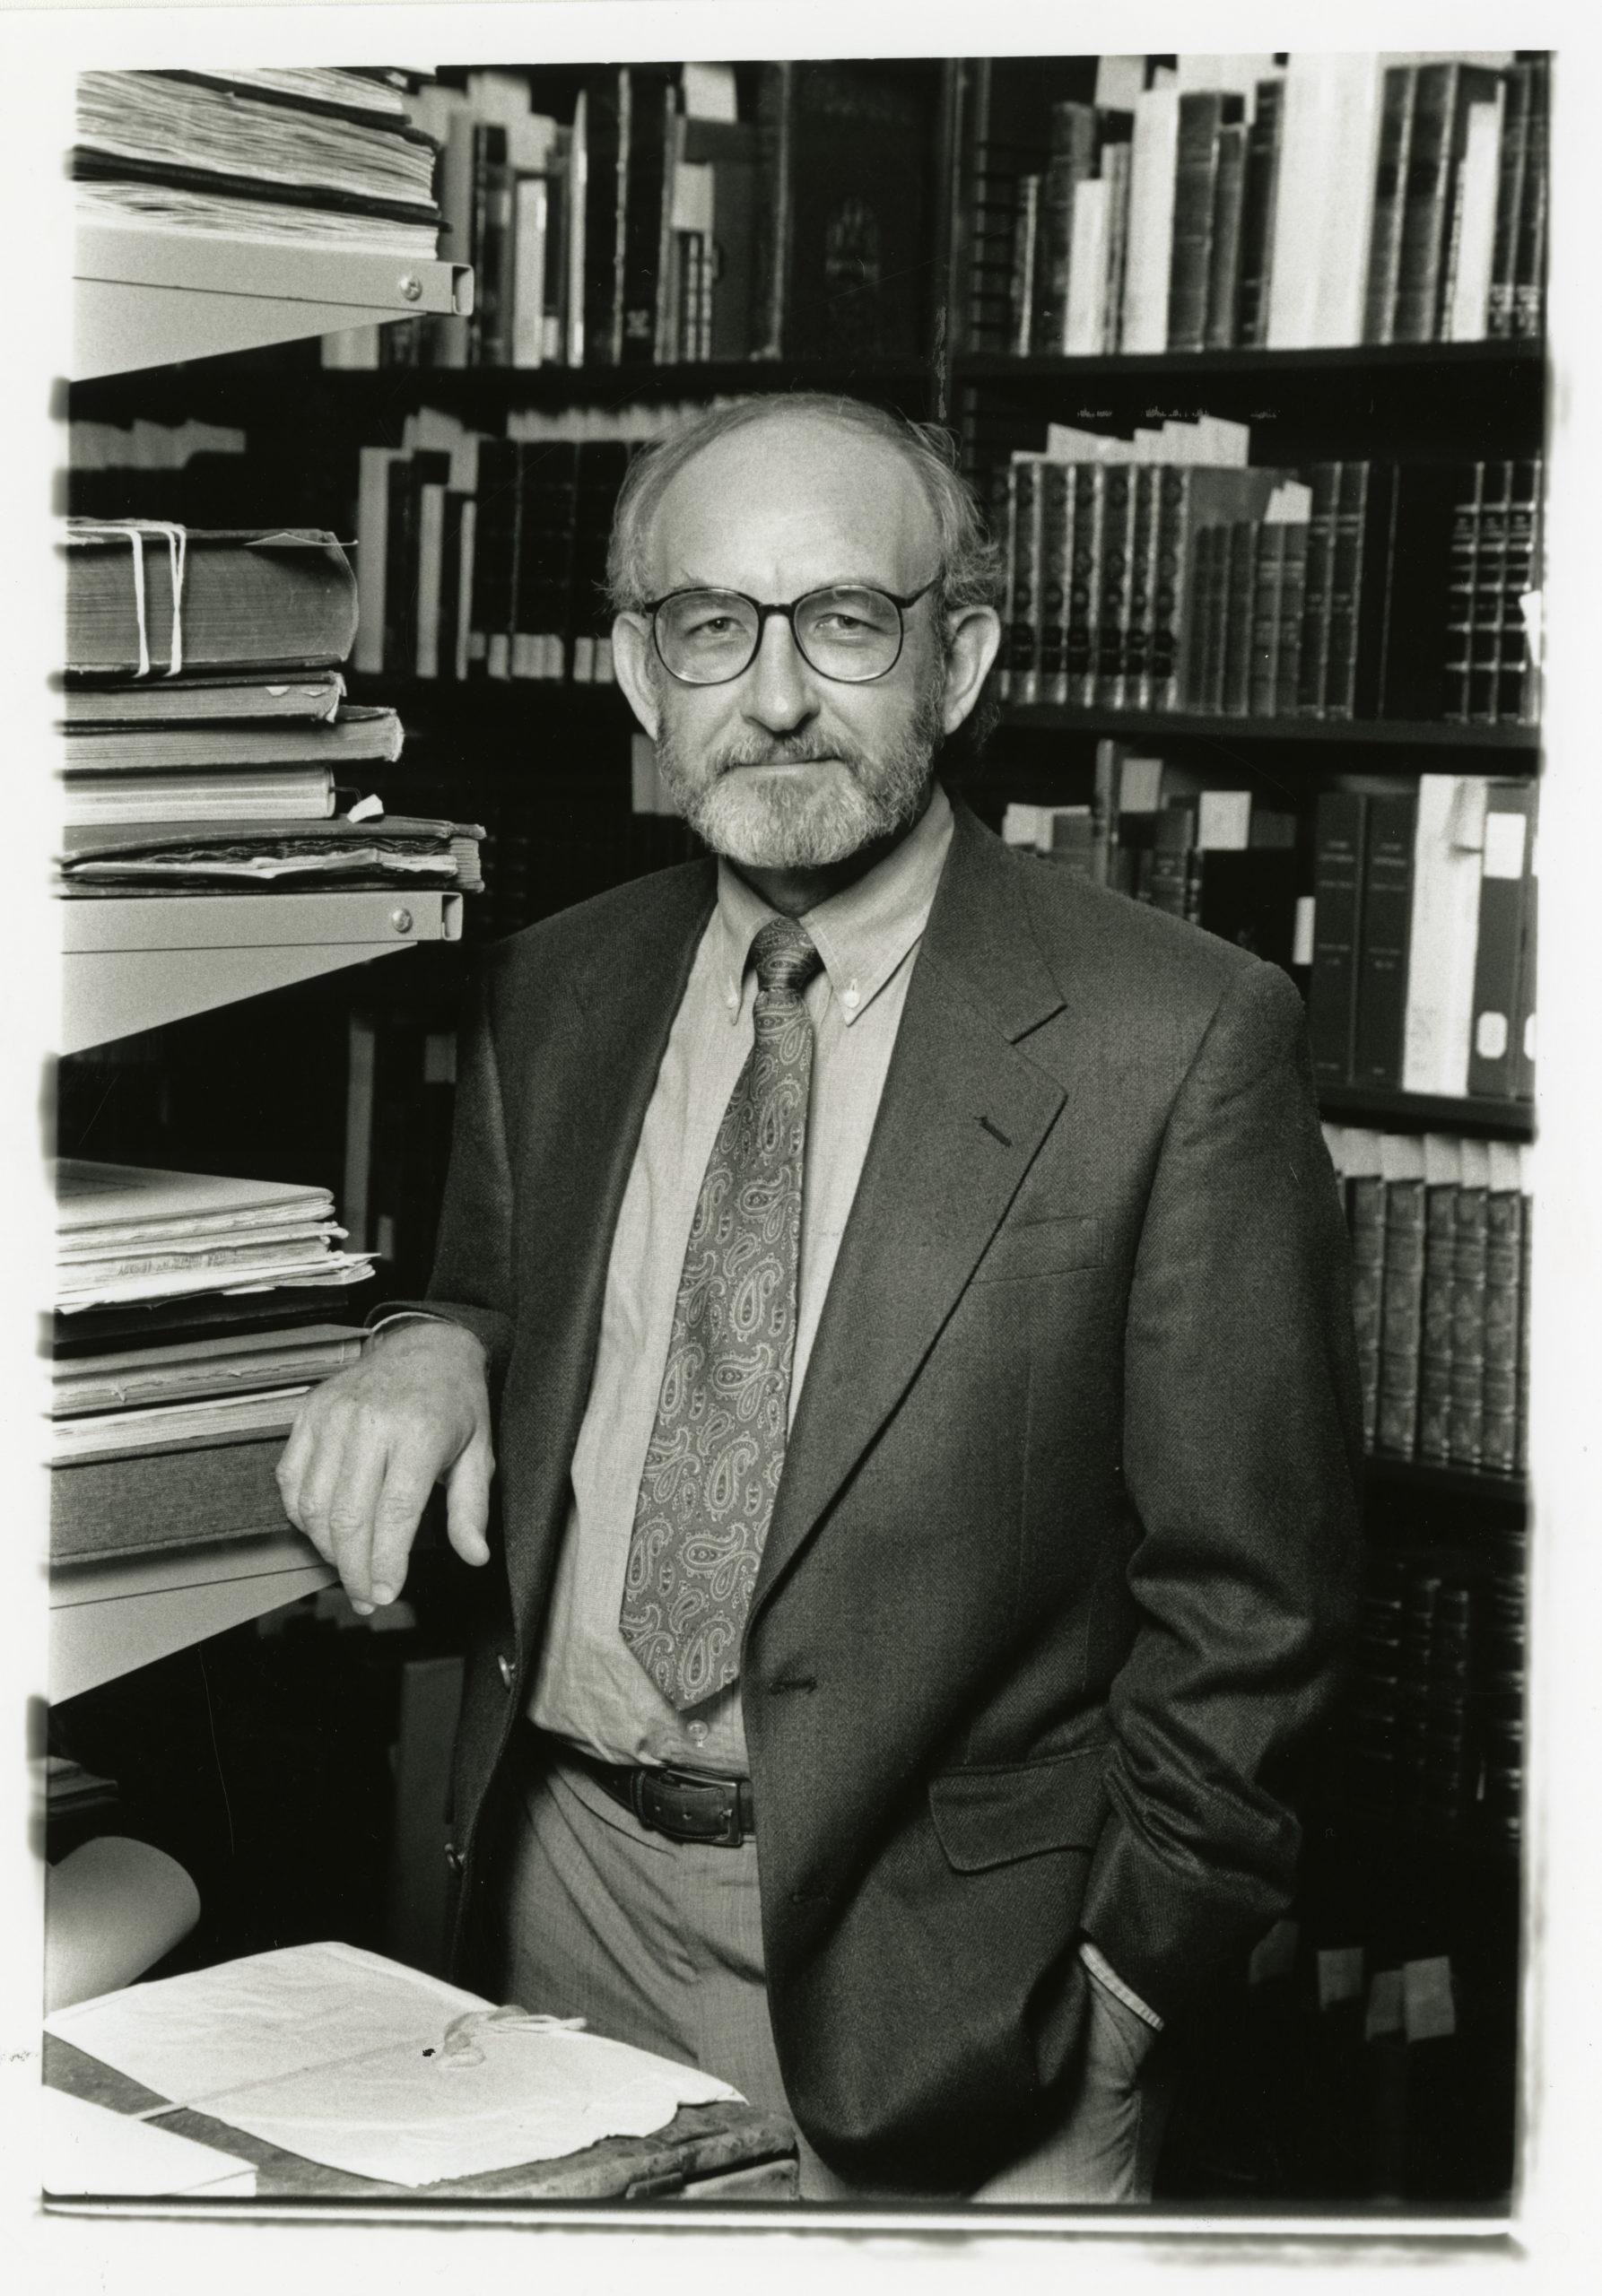 Errol Stevens in Rare Book Vault